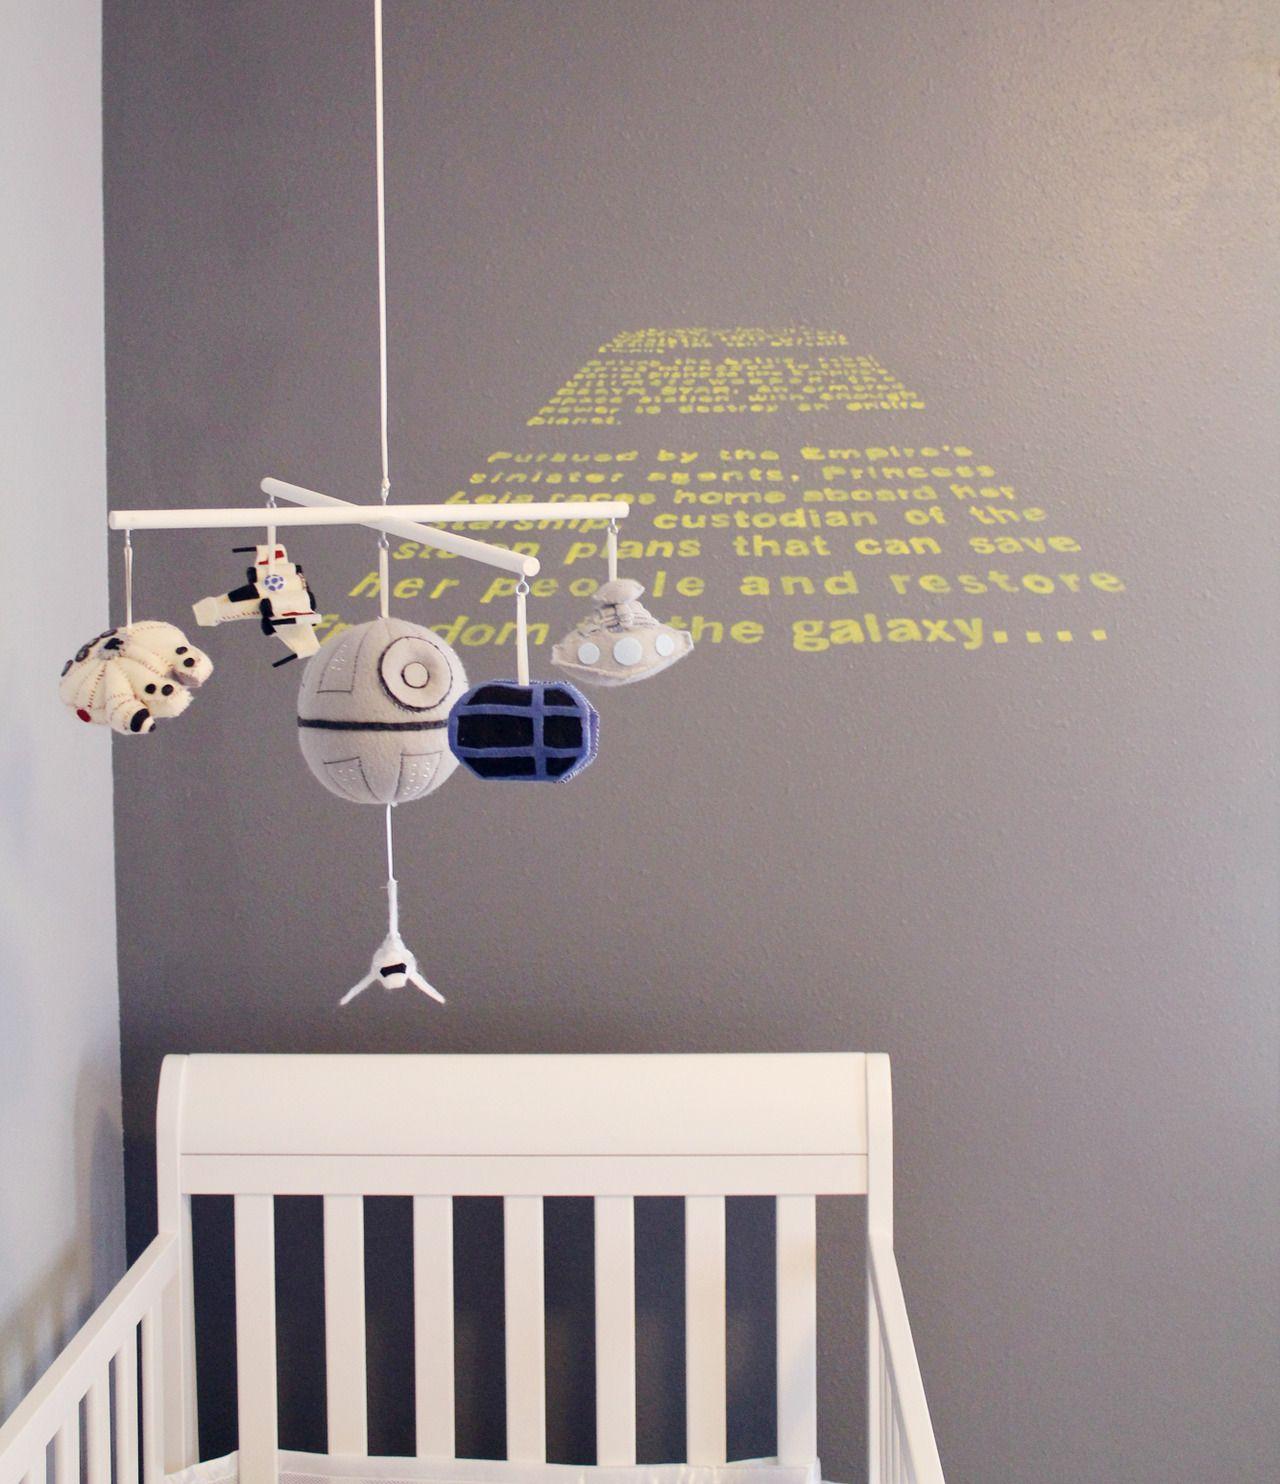 Epingle Par Coralie Sur Baby Love Bebe De Star Wars Deco